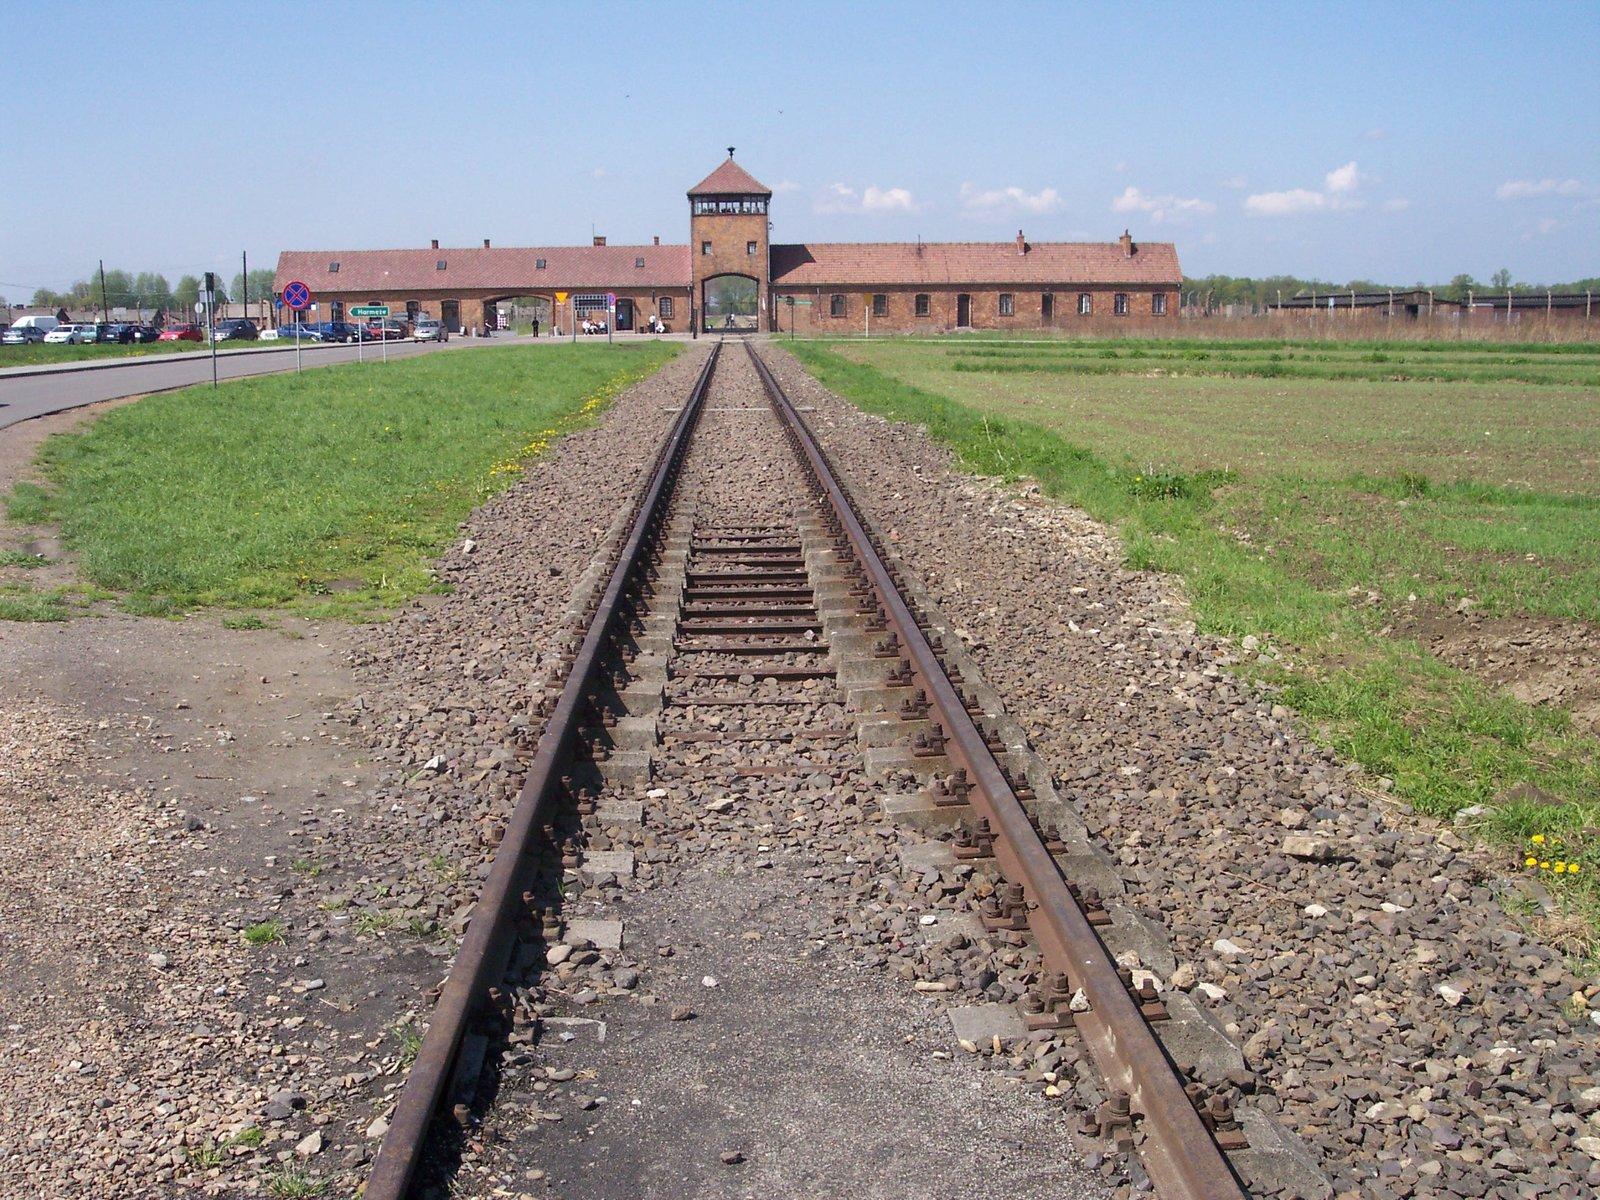 AuschwitzII Birkenau (zdjęcie współczesne) AuschwitzII Birkenau (zdjęcie współczesne) Źródło: Pimke, licencja: CC BY 2.5.